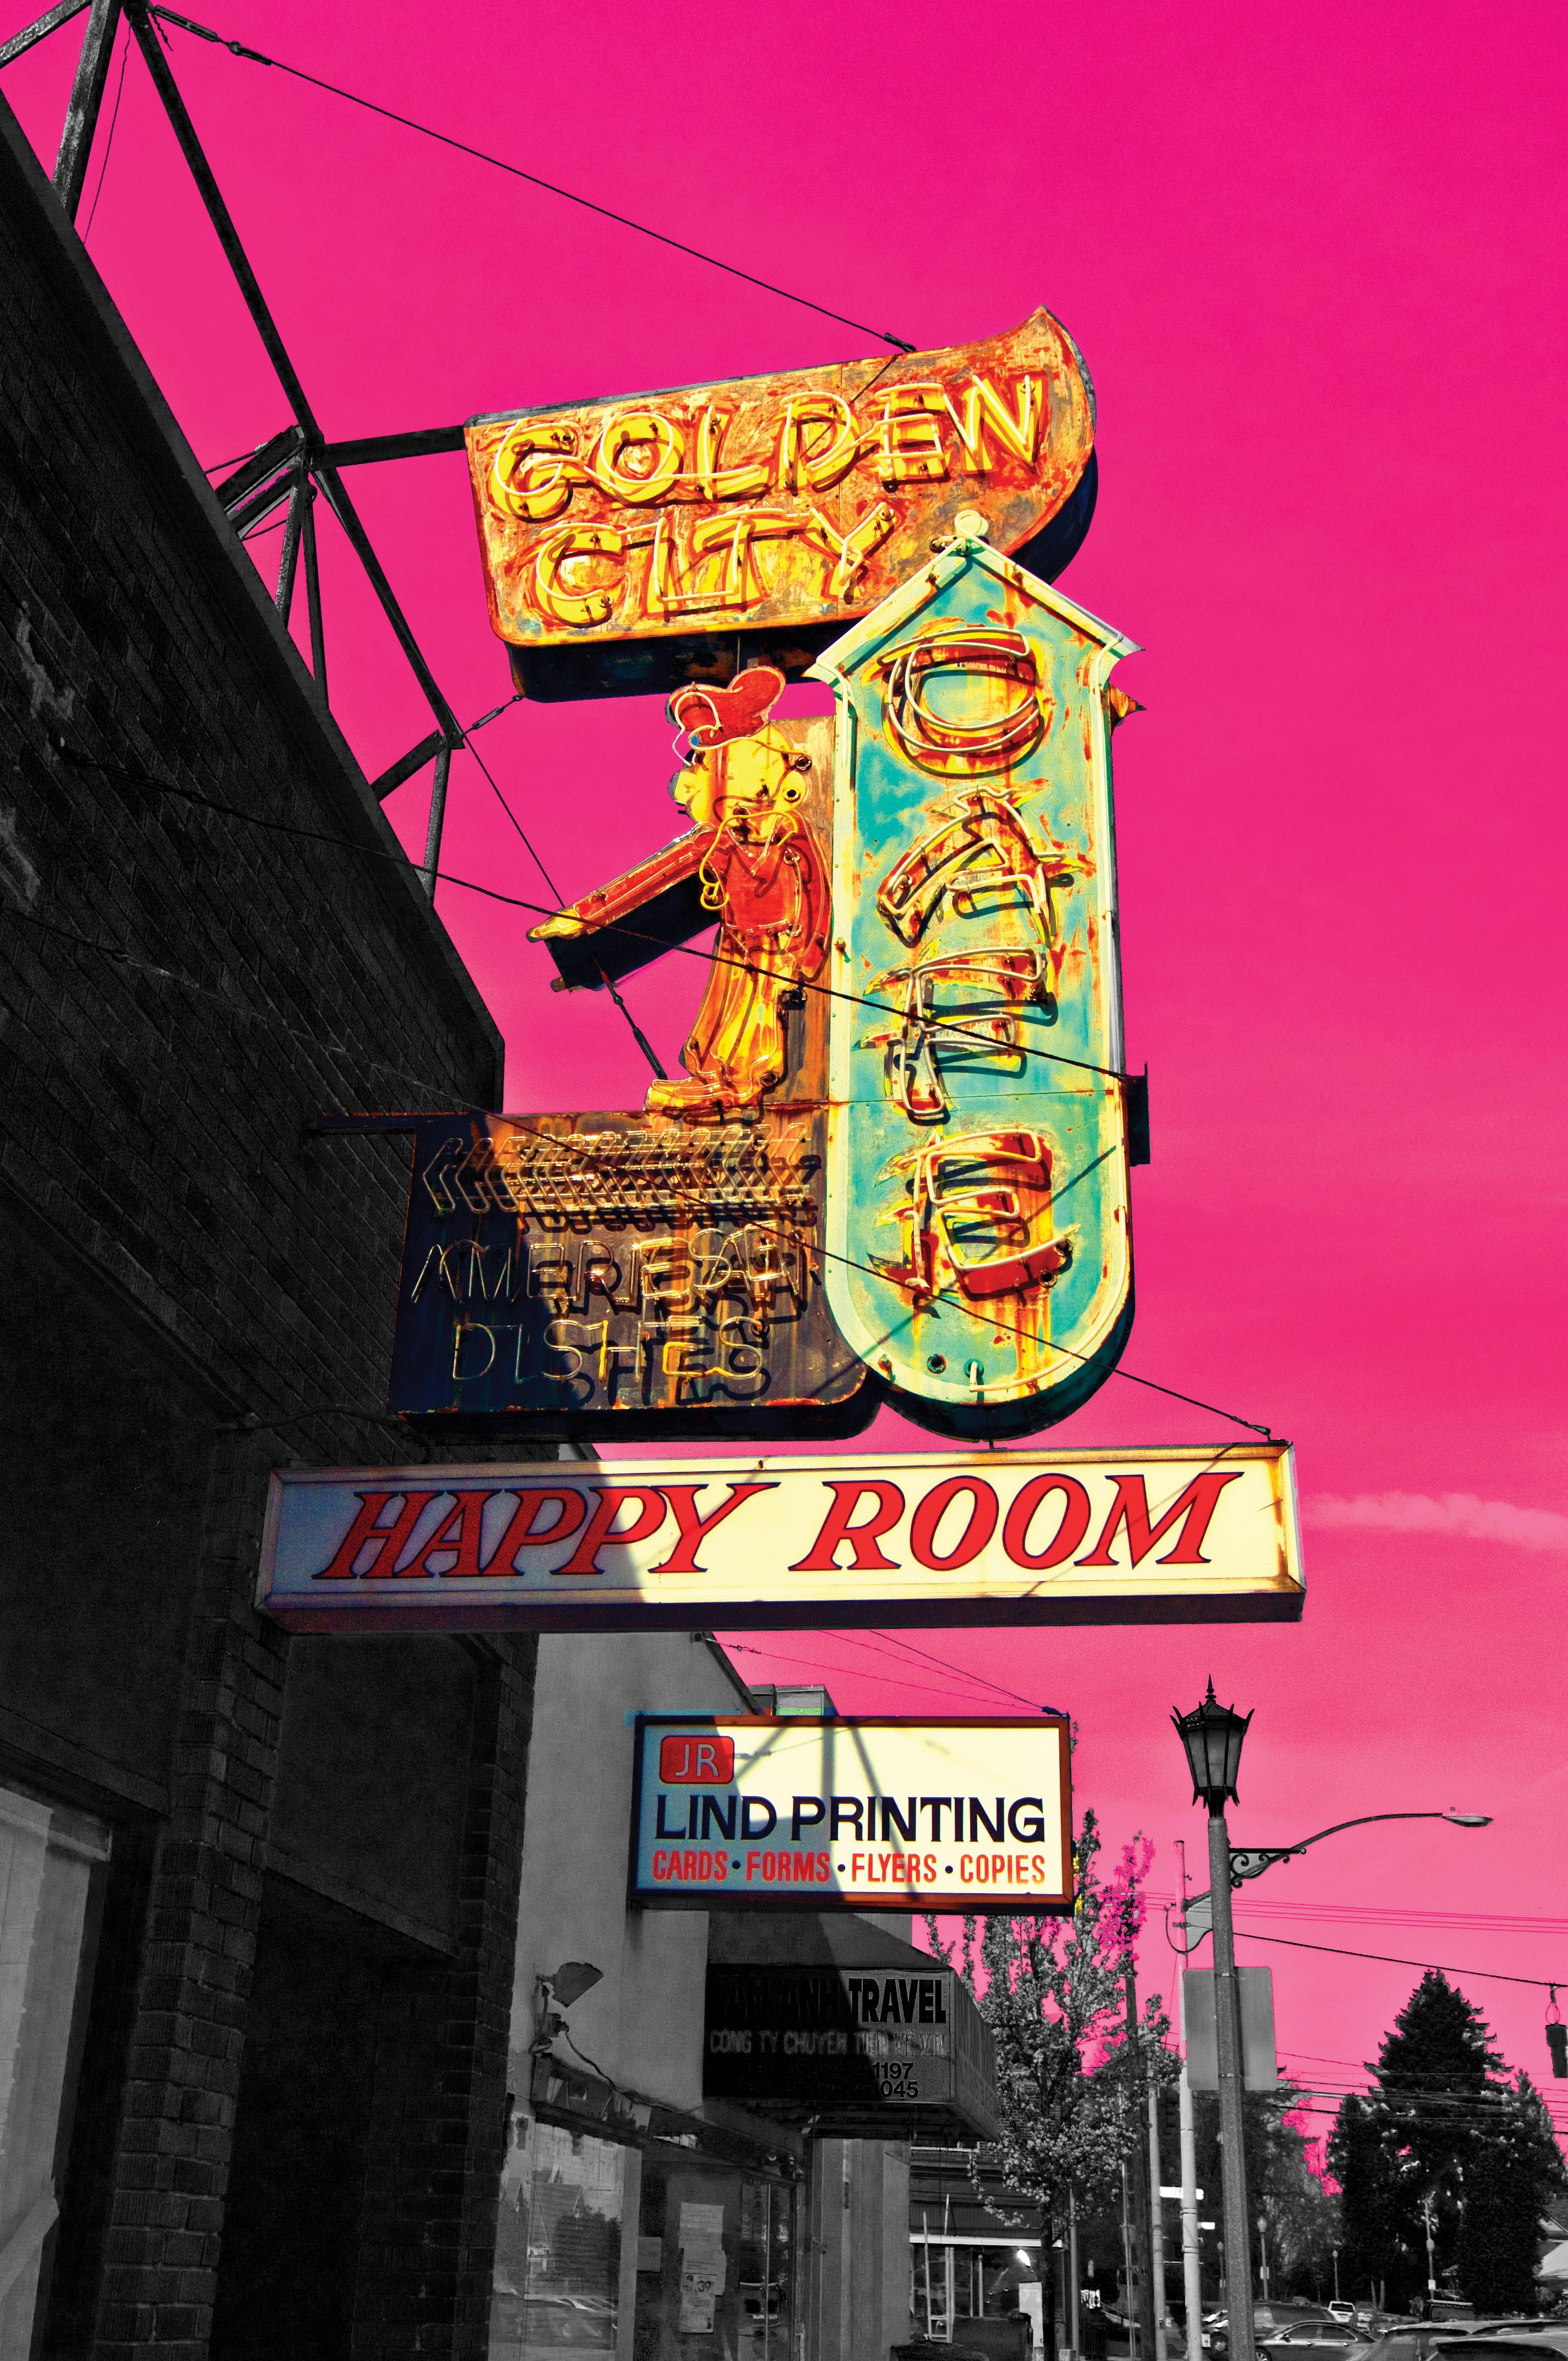 Golden City Pink Tacoma, WA